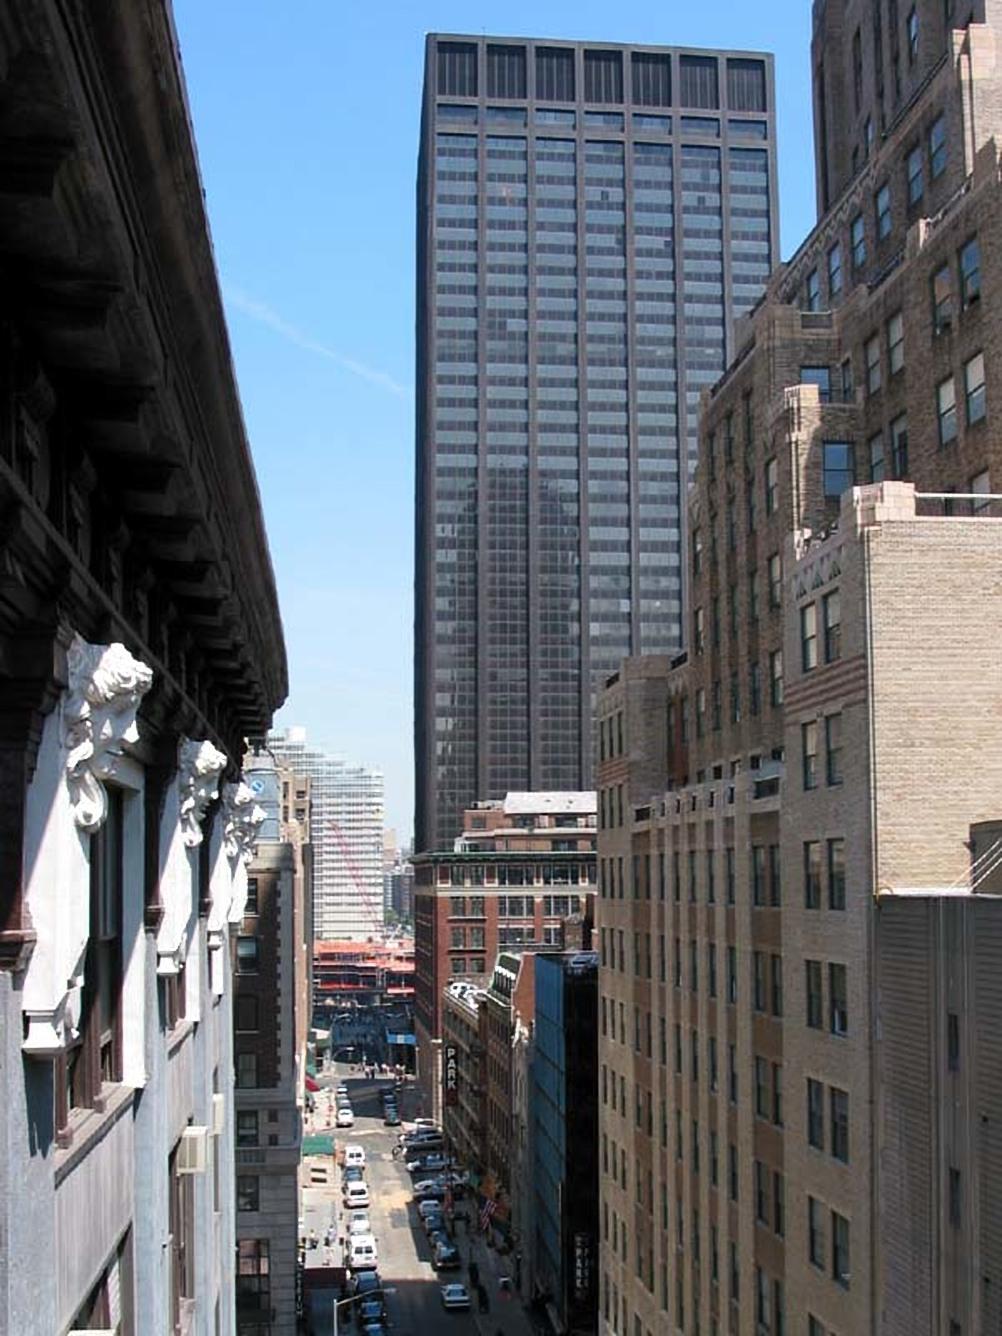 The 39-storey Deutsche Bank Building was completed in 1974.